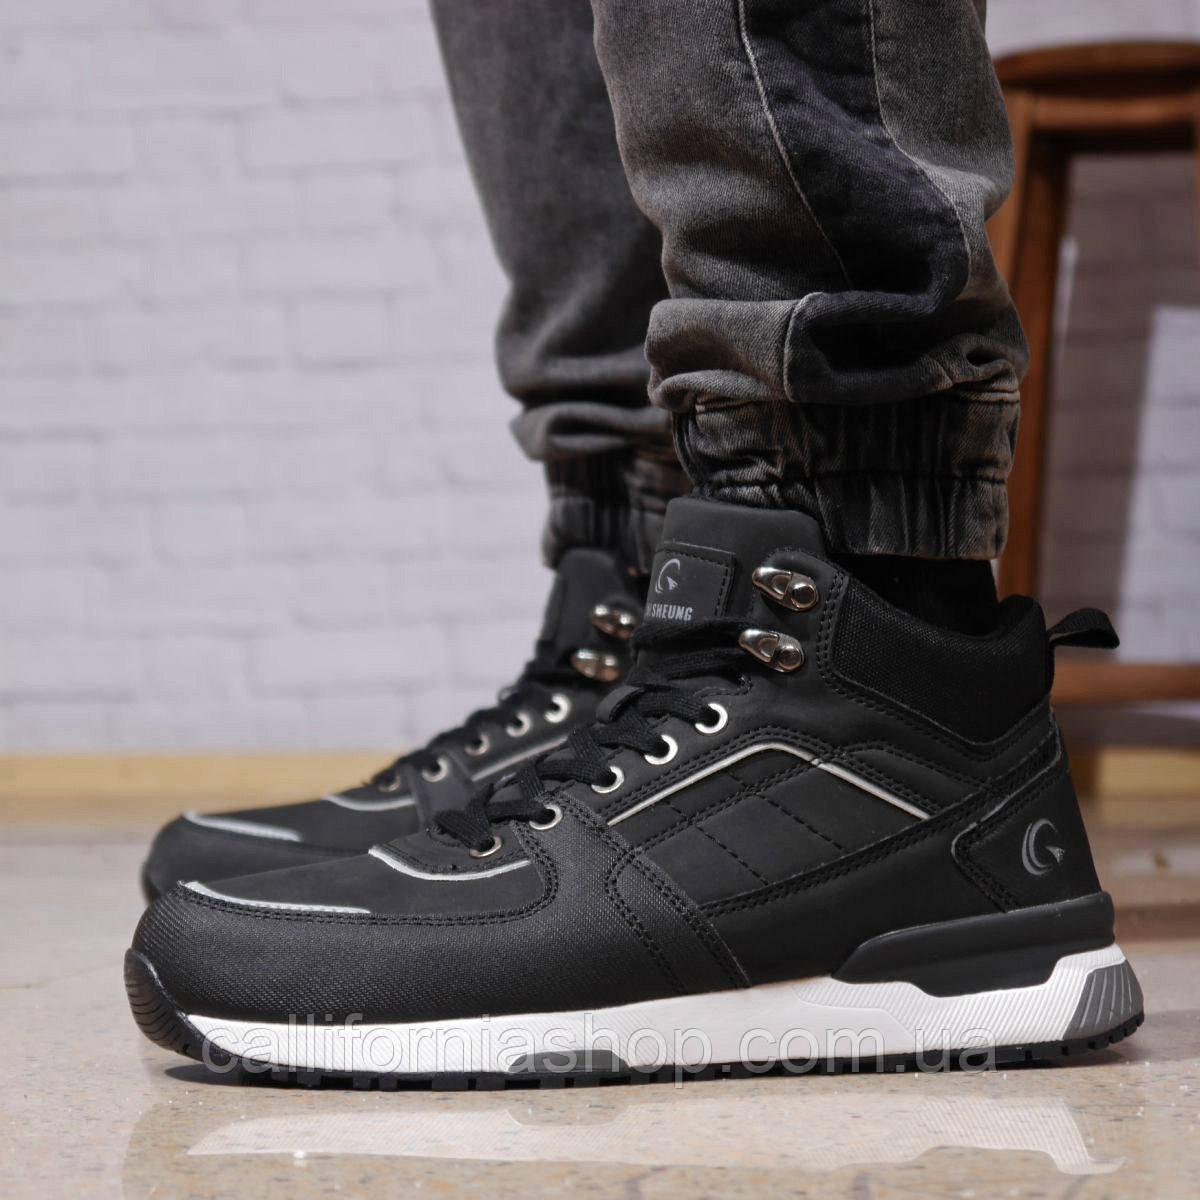 Зимние мужские кроссовки черные высокие на меху